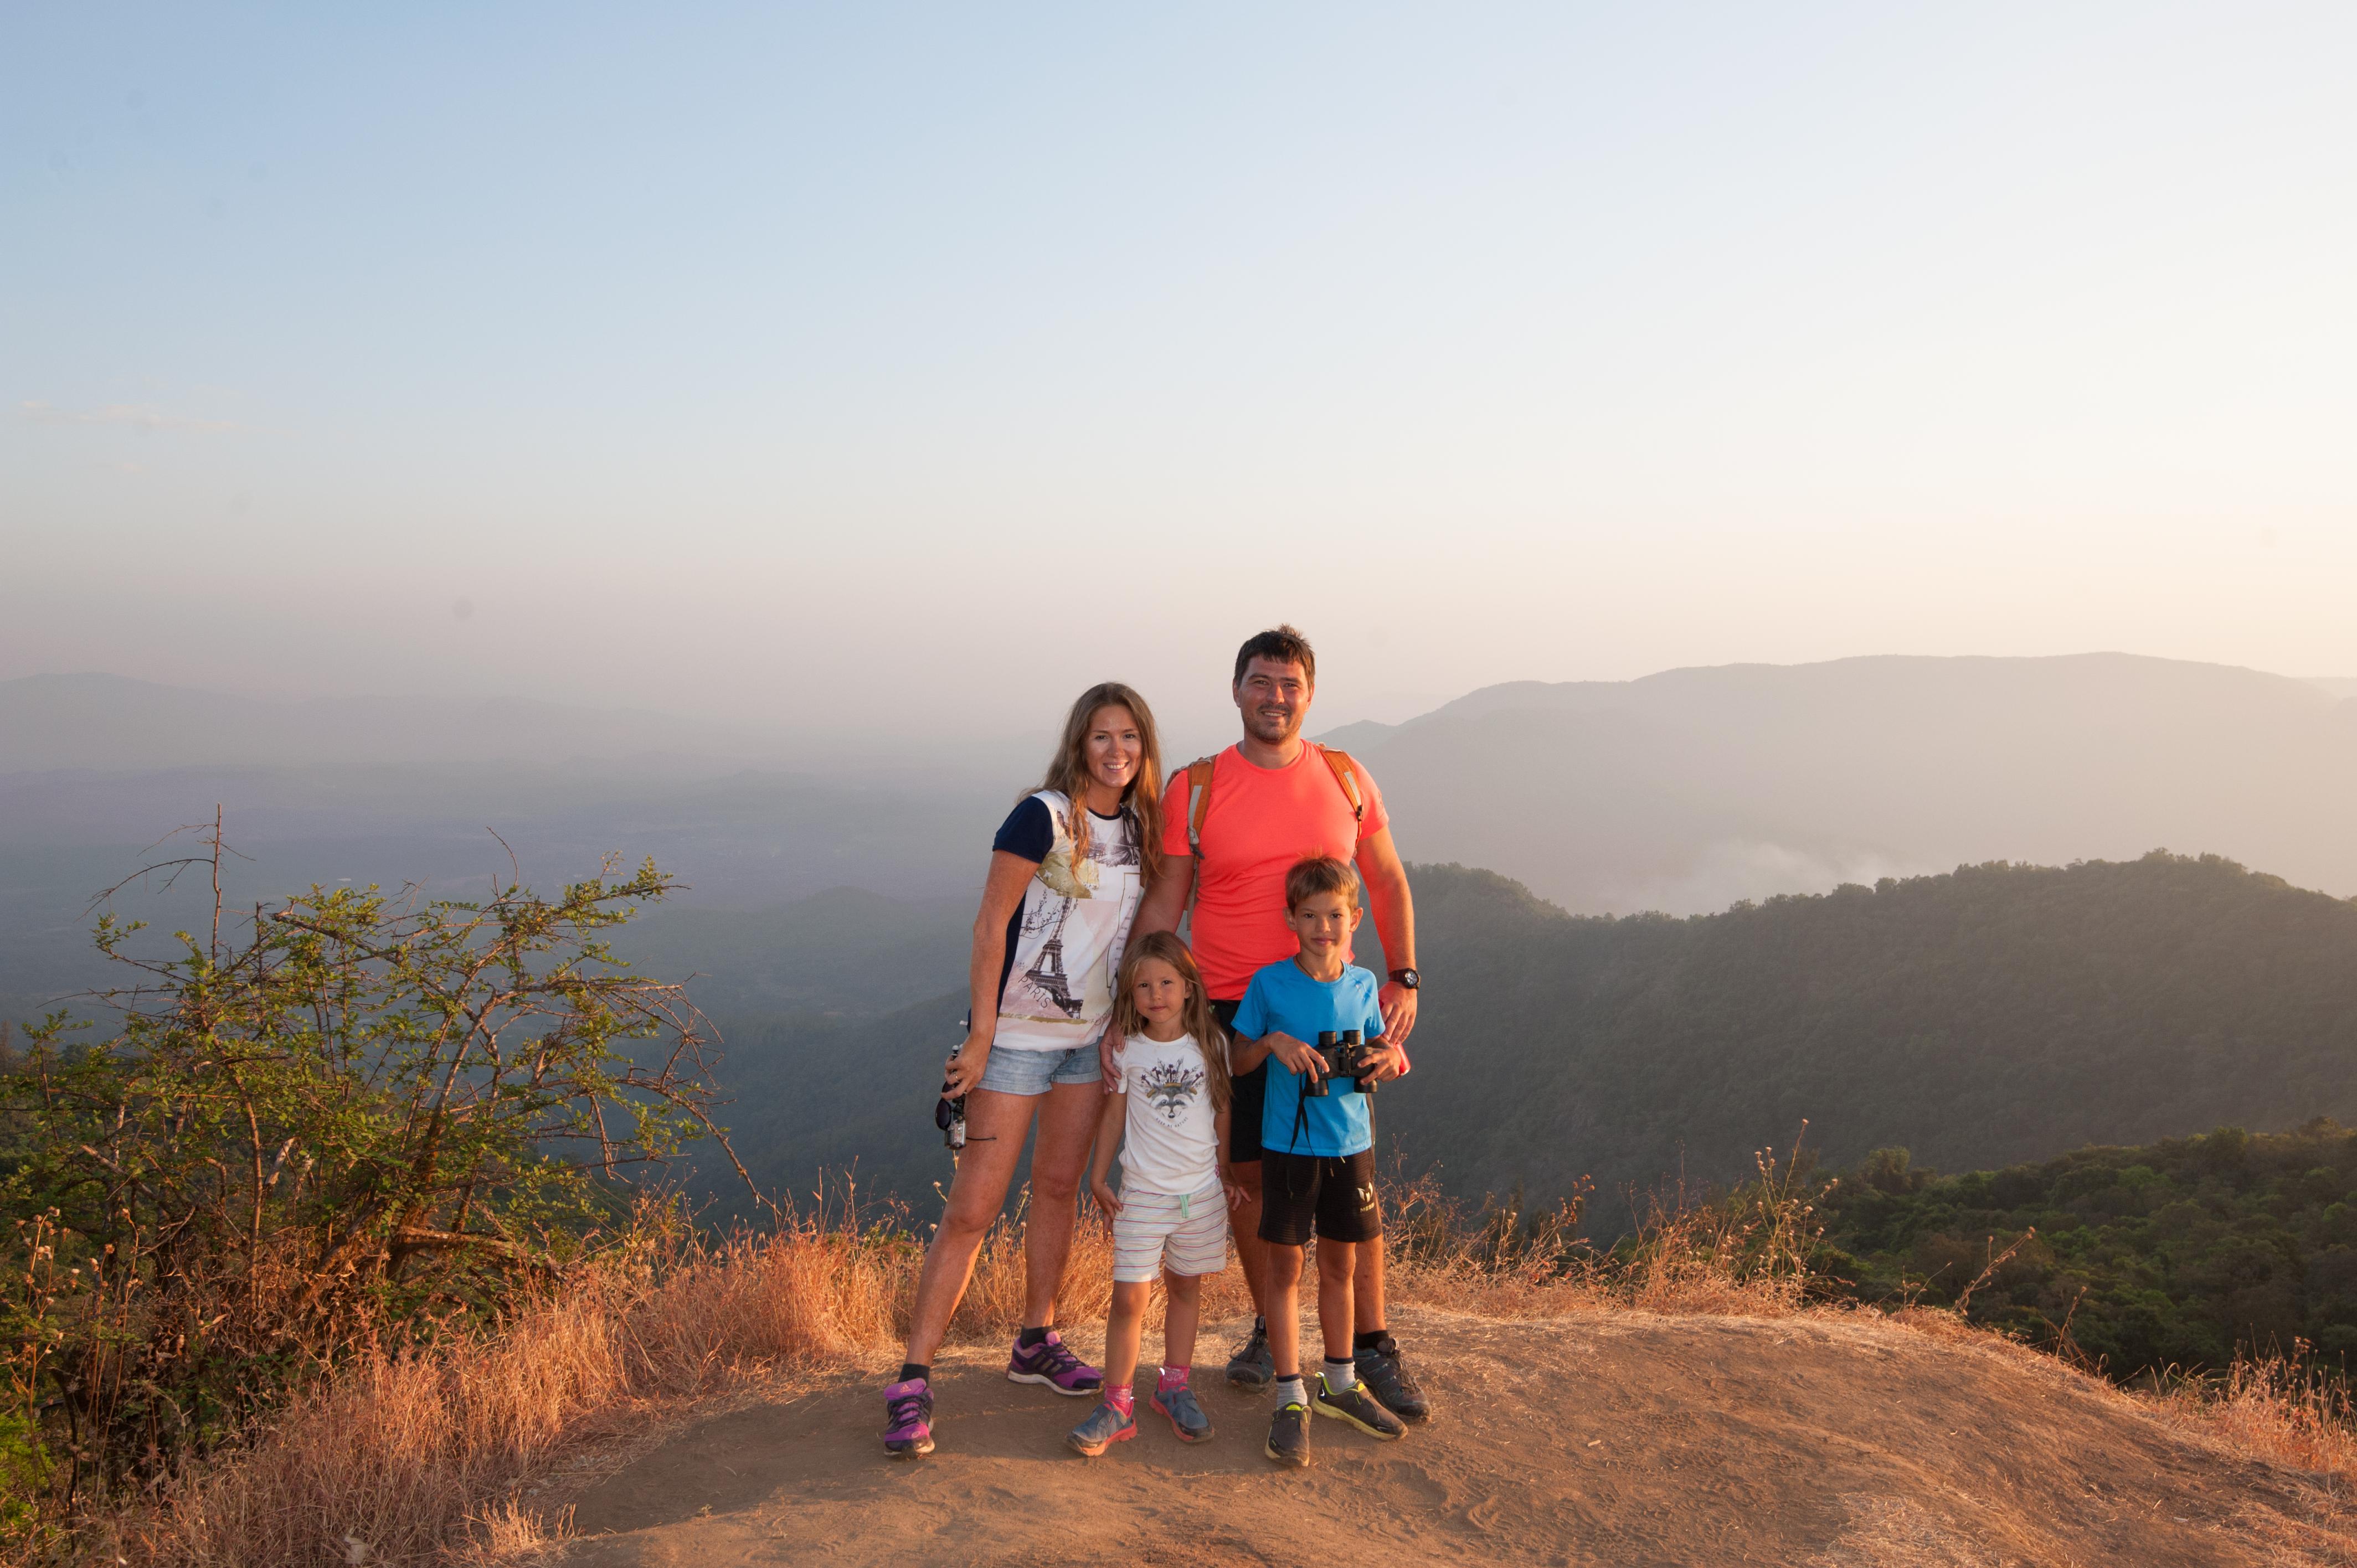 Милана Романова о семейных путешествиях, детях на вулкане и учебе вне школы